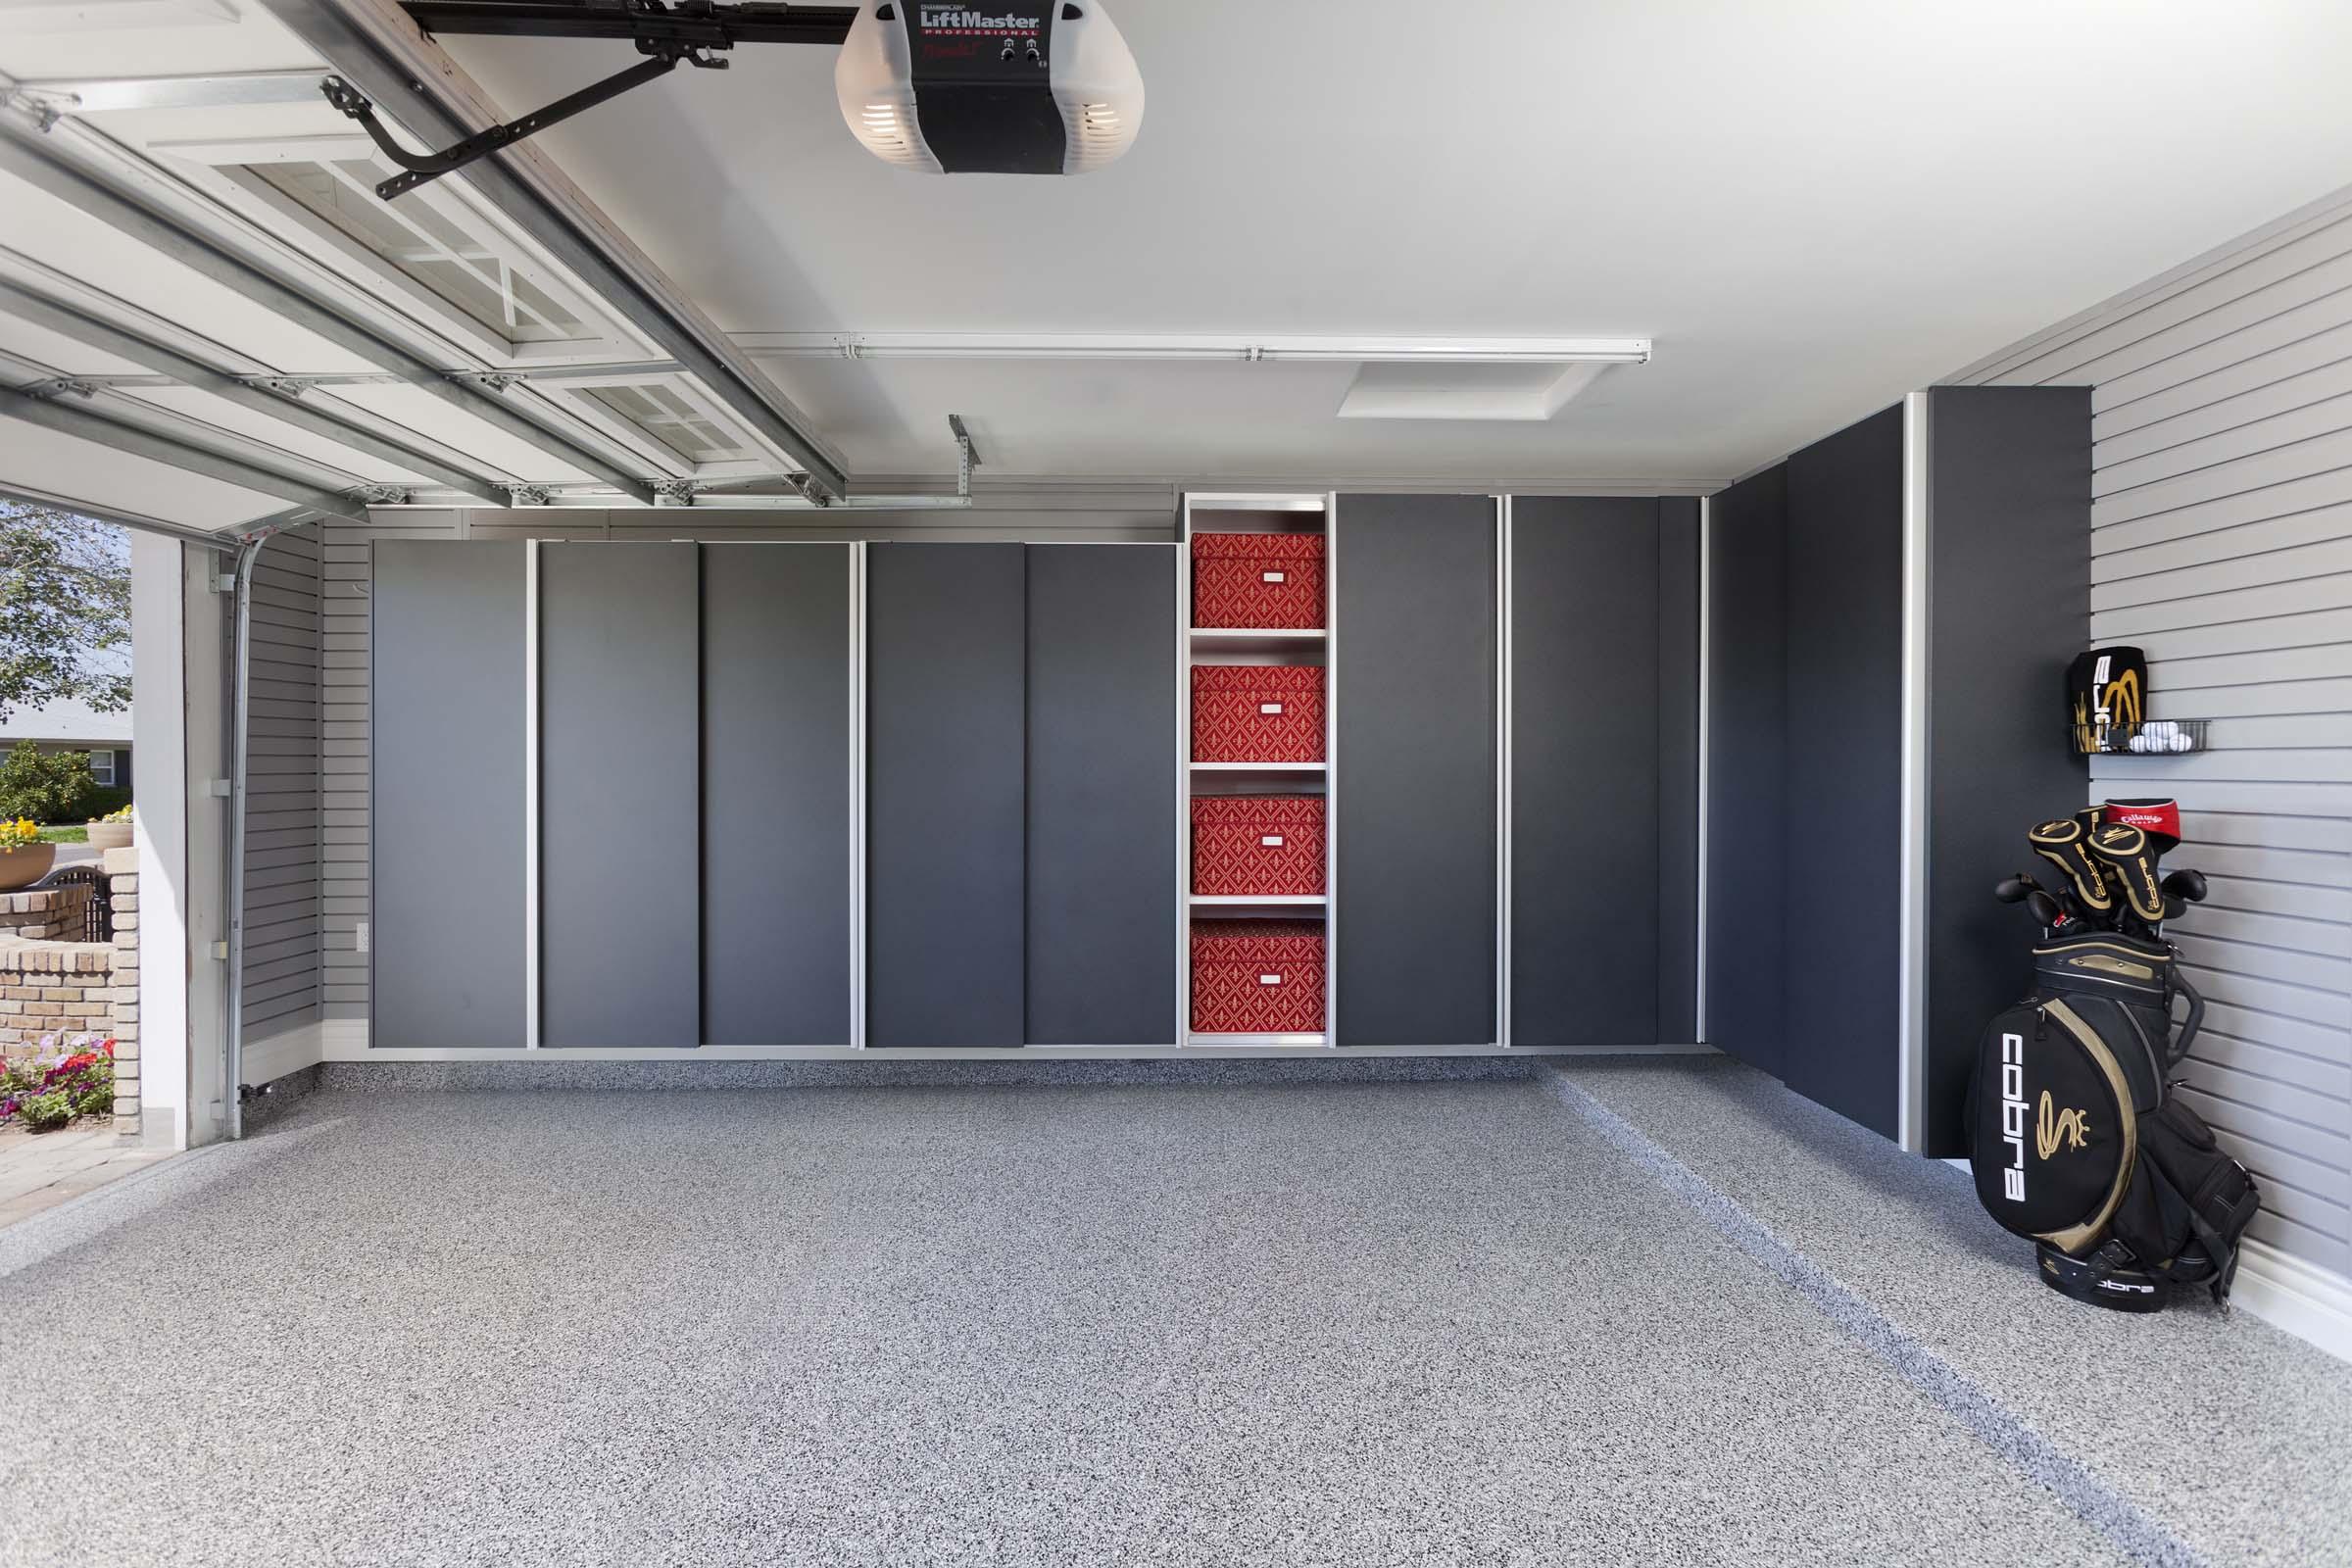 Granite Sliding Door Open-Garage Door Open-Smoke Floor-Arcadia 2013.jpg